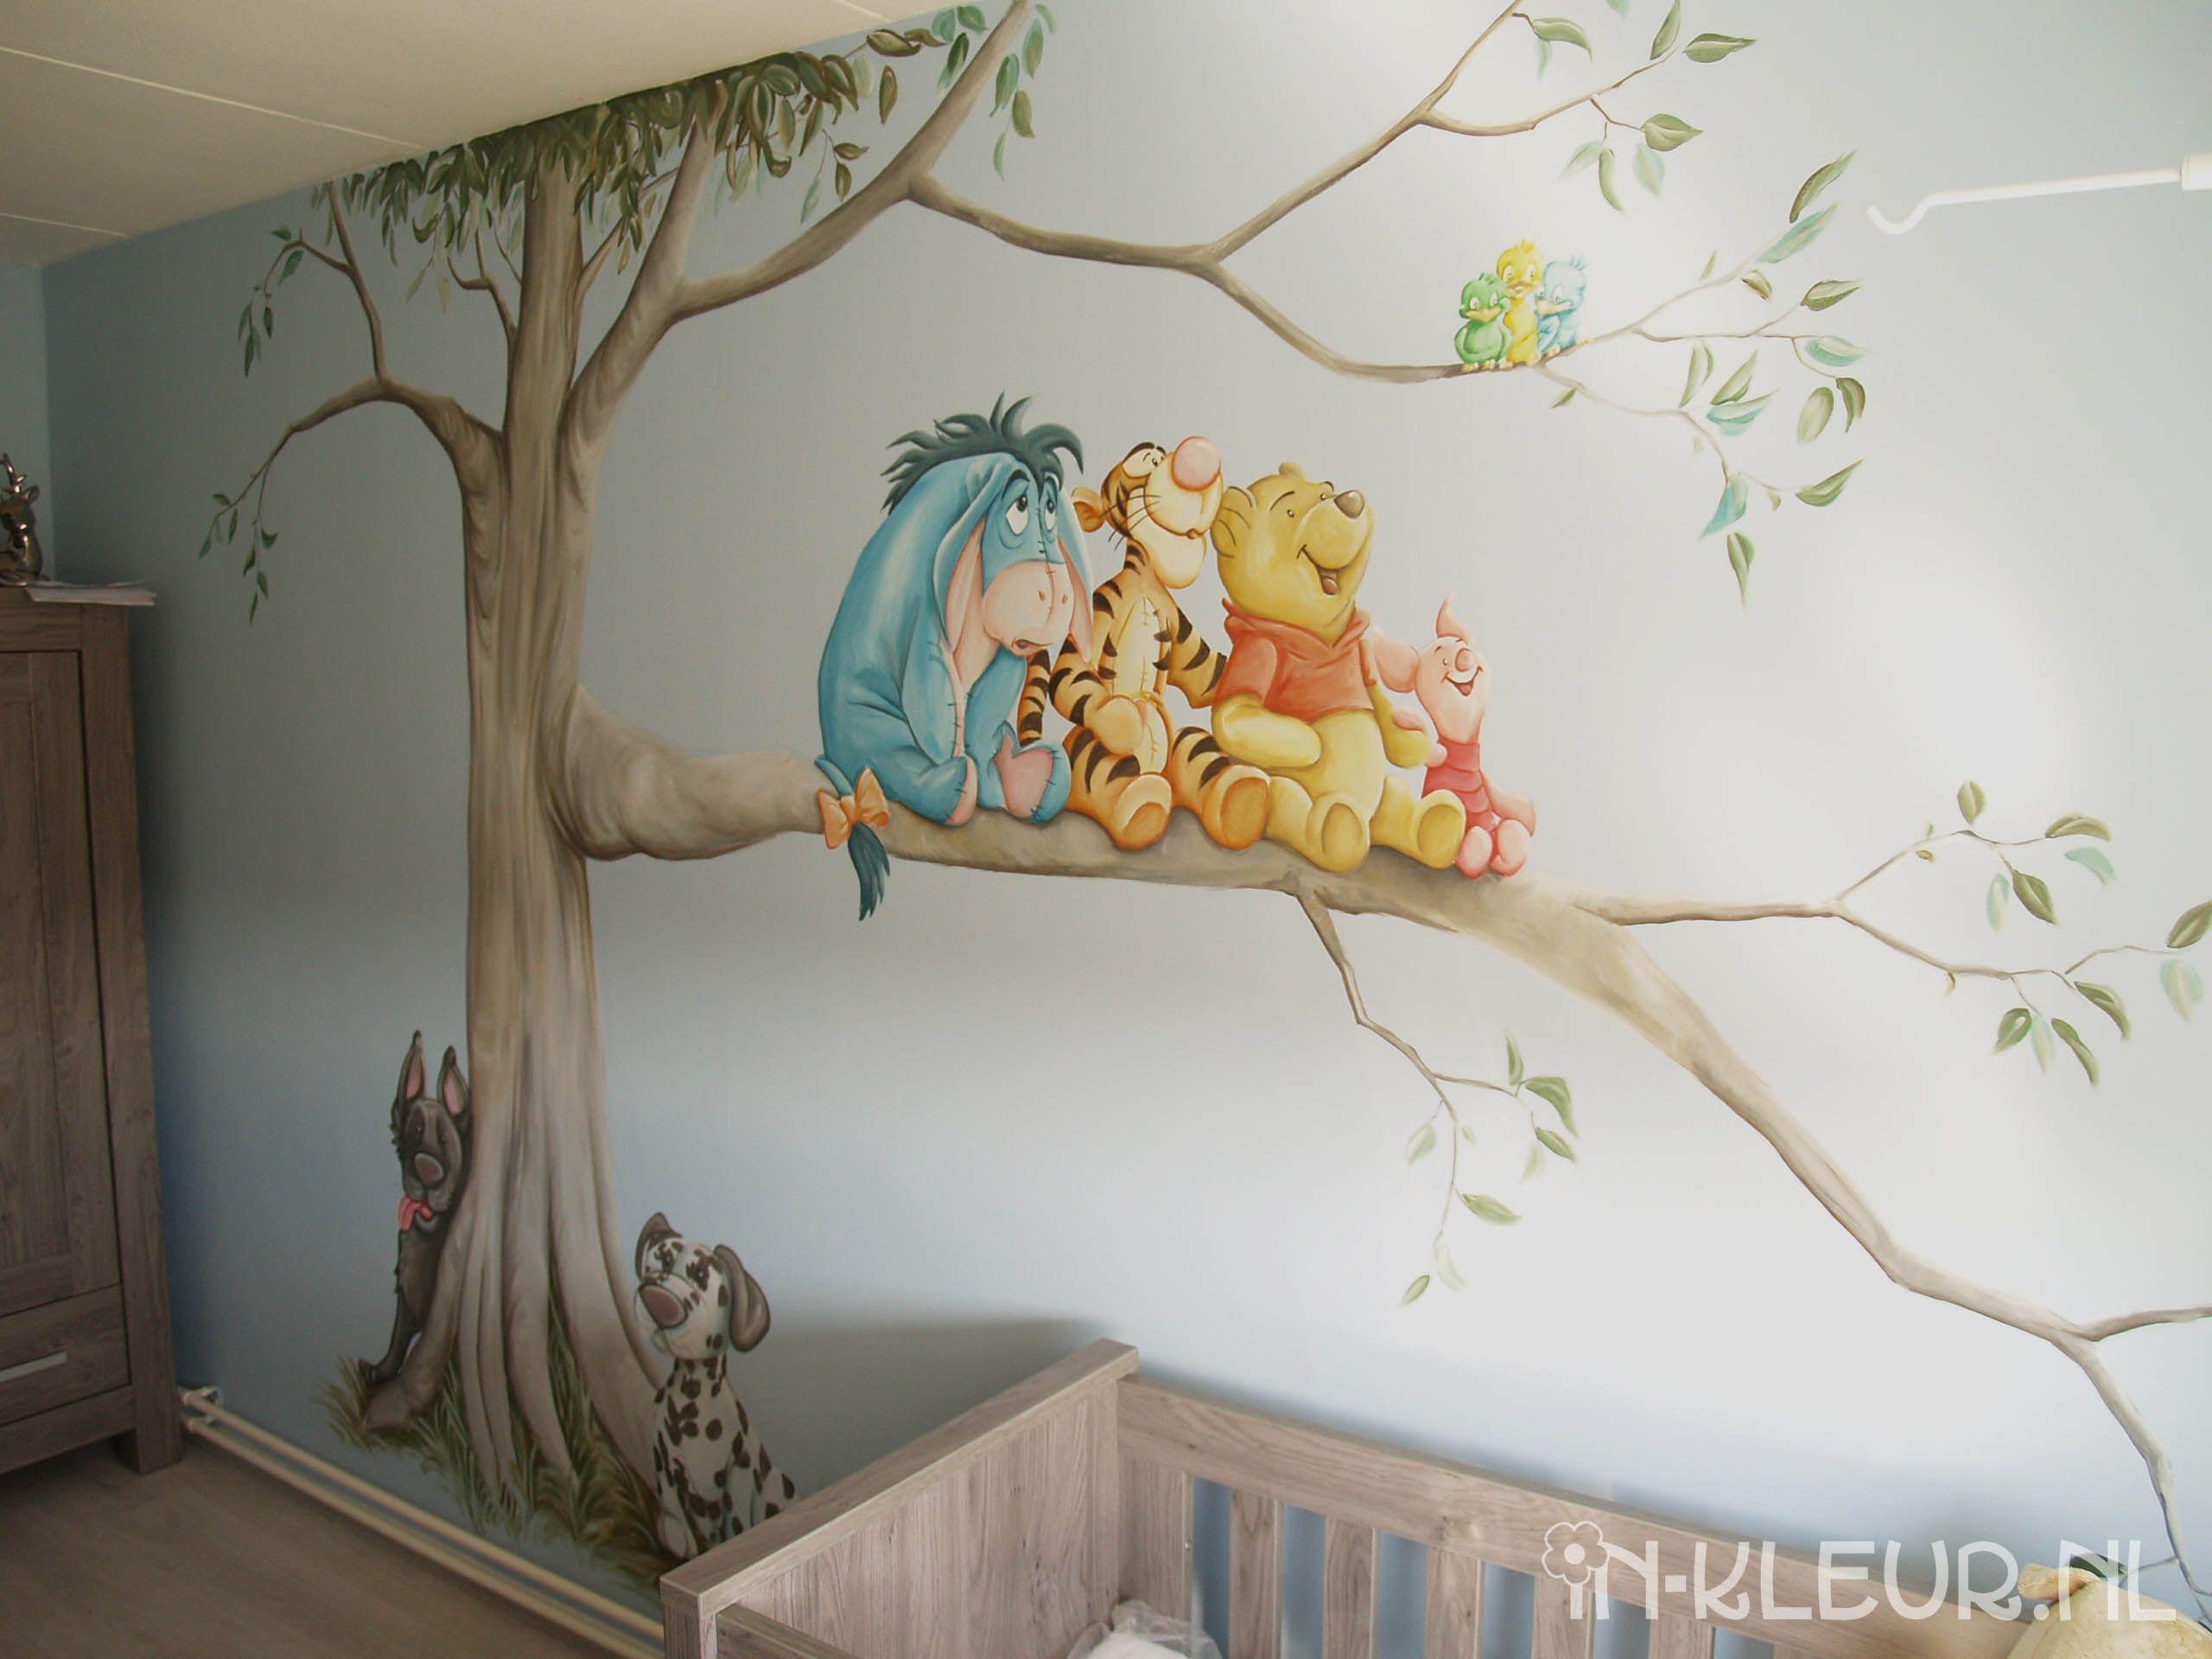 Poeh muurschildering babykamer boom hondjes Daycare ideas